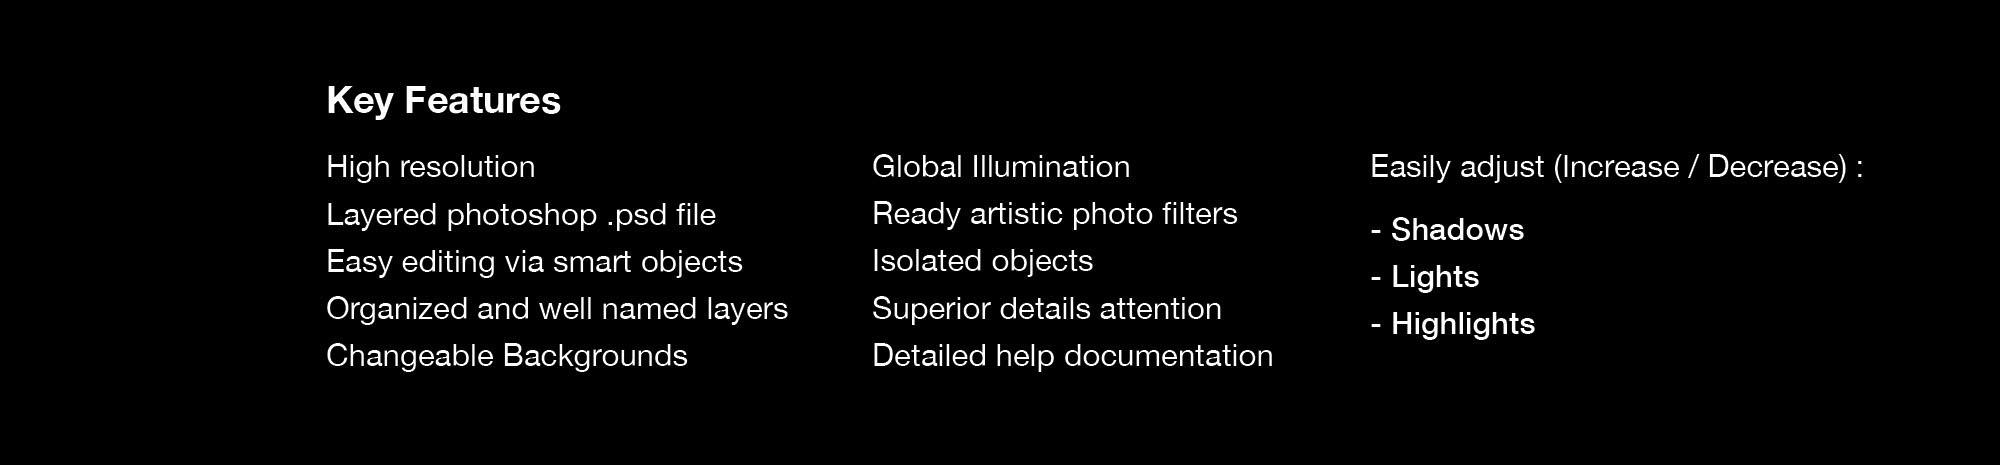 Branding Mockup - Features